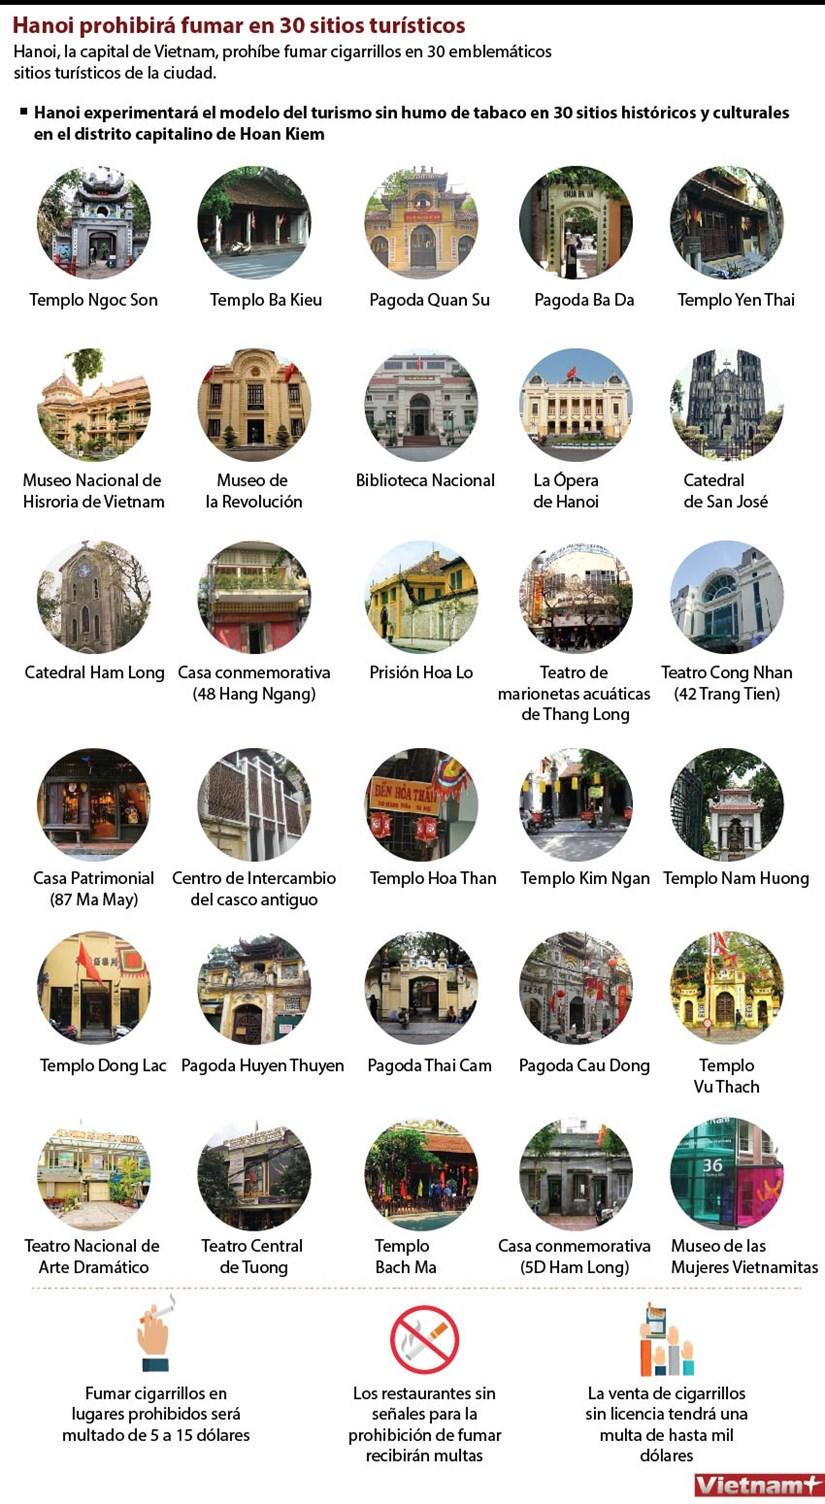 [Infografia] Hanoi prohibira fumar en 30 sitios turisticos hinh anh 1